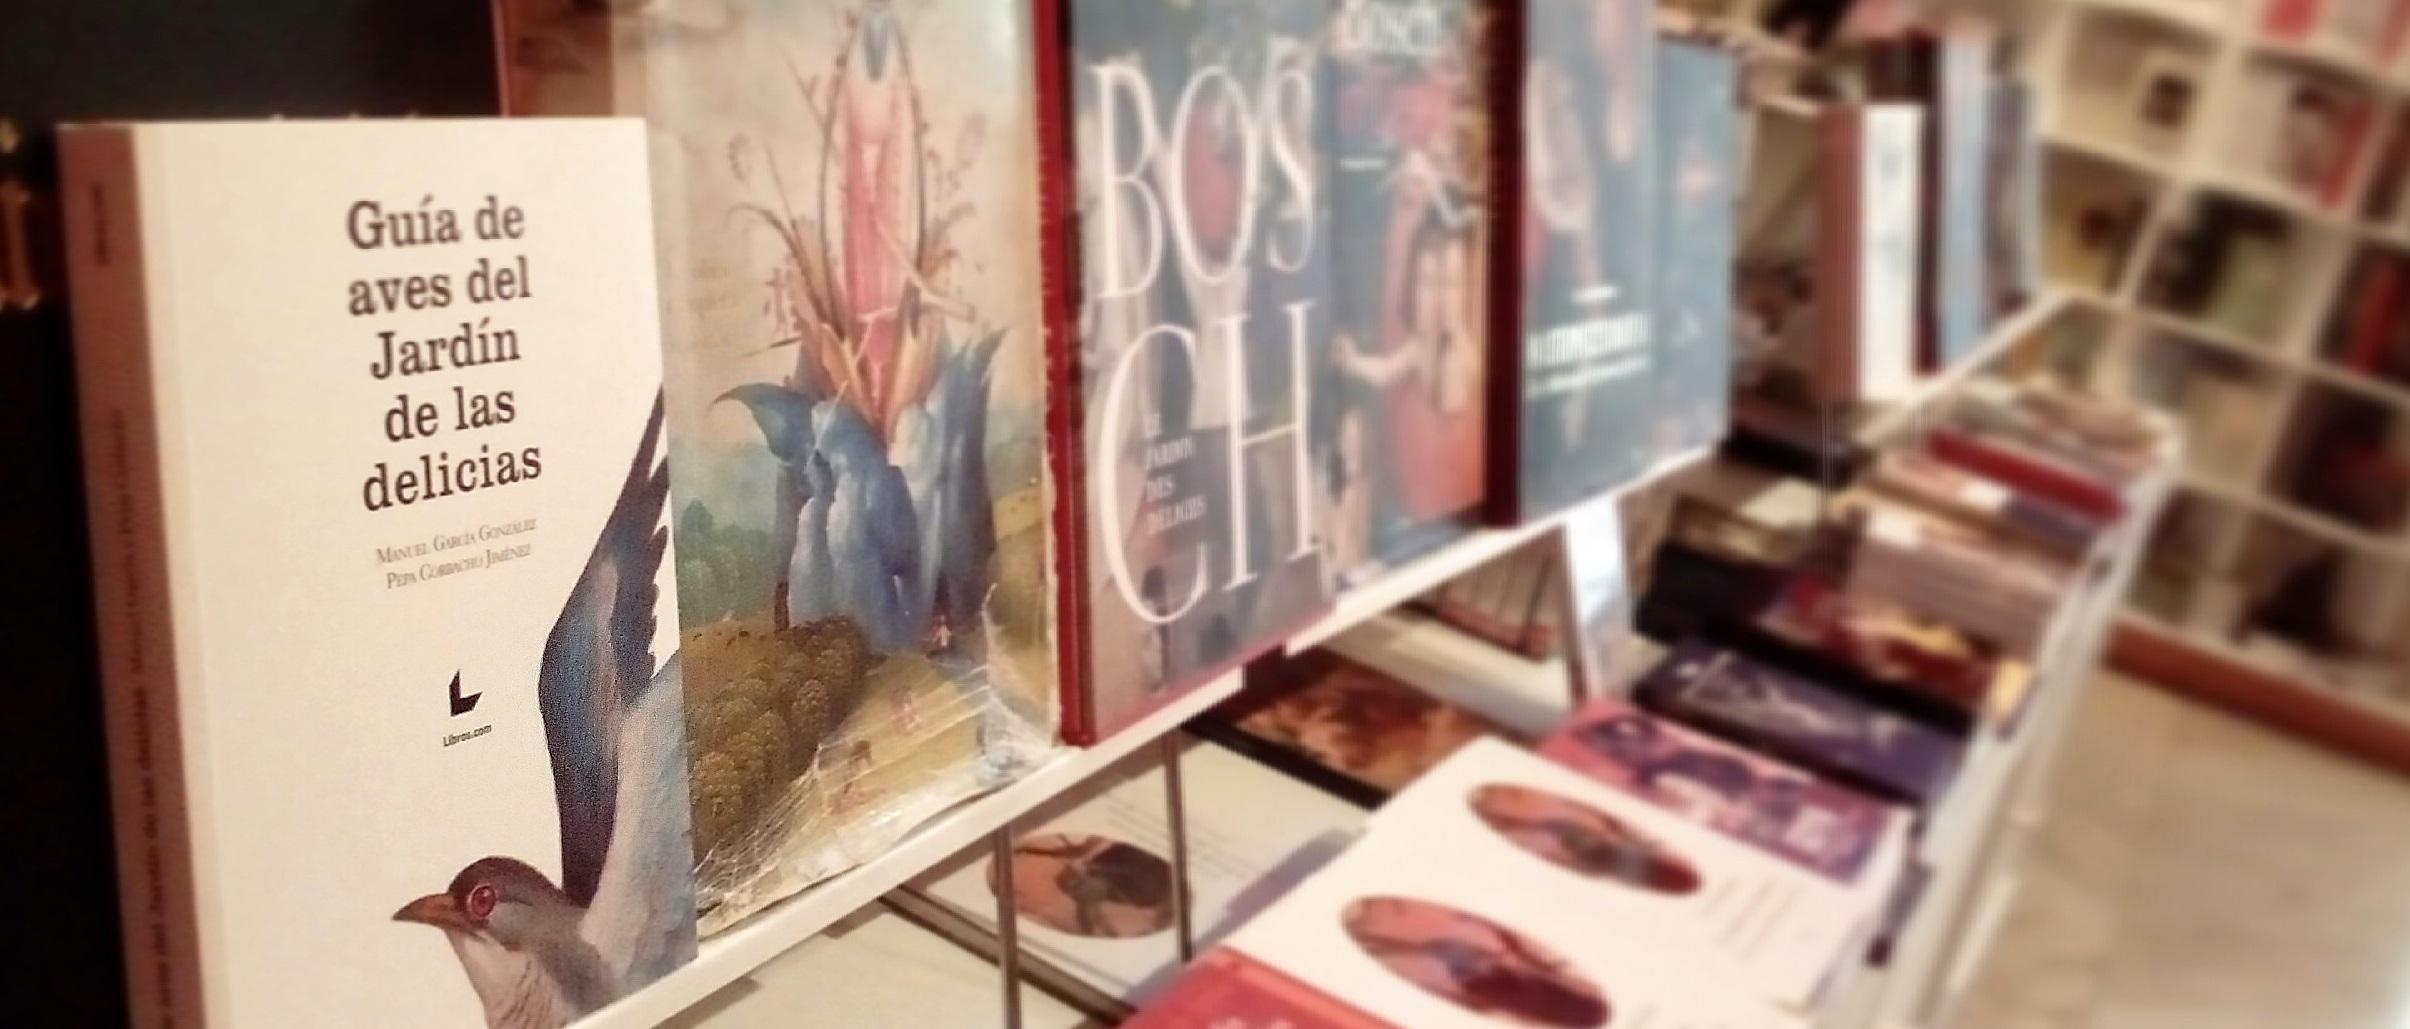 La Guía en la librería del Prado